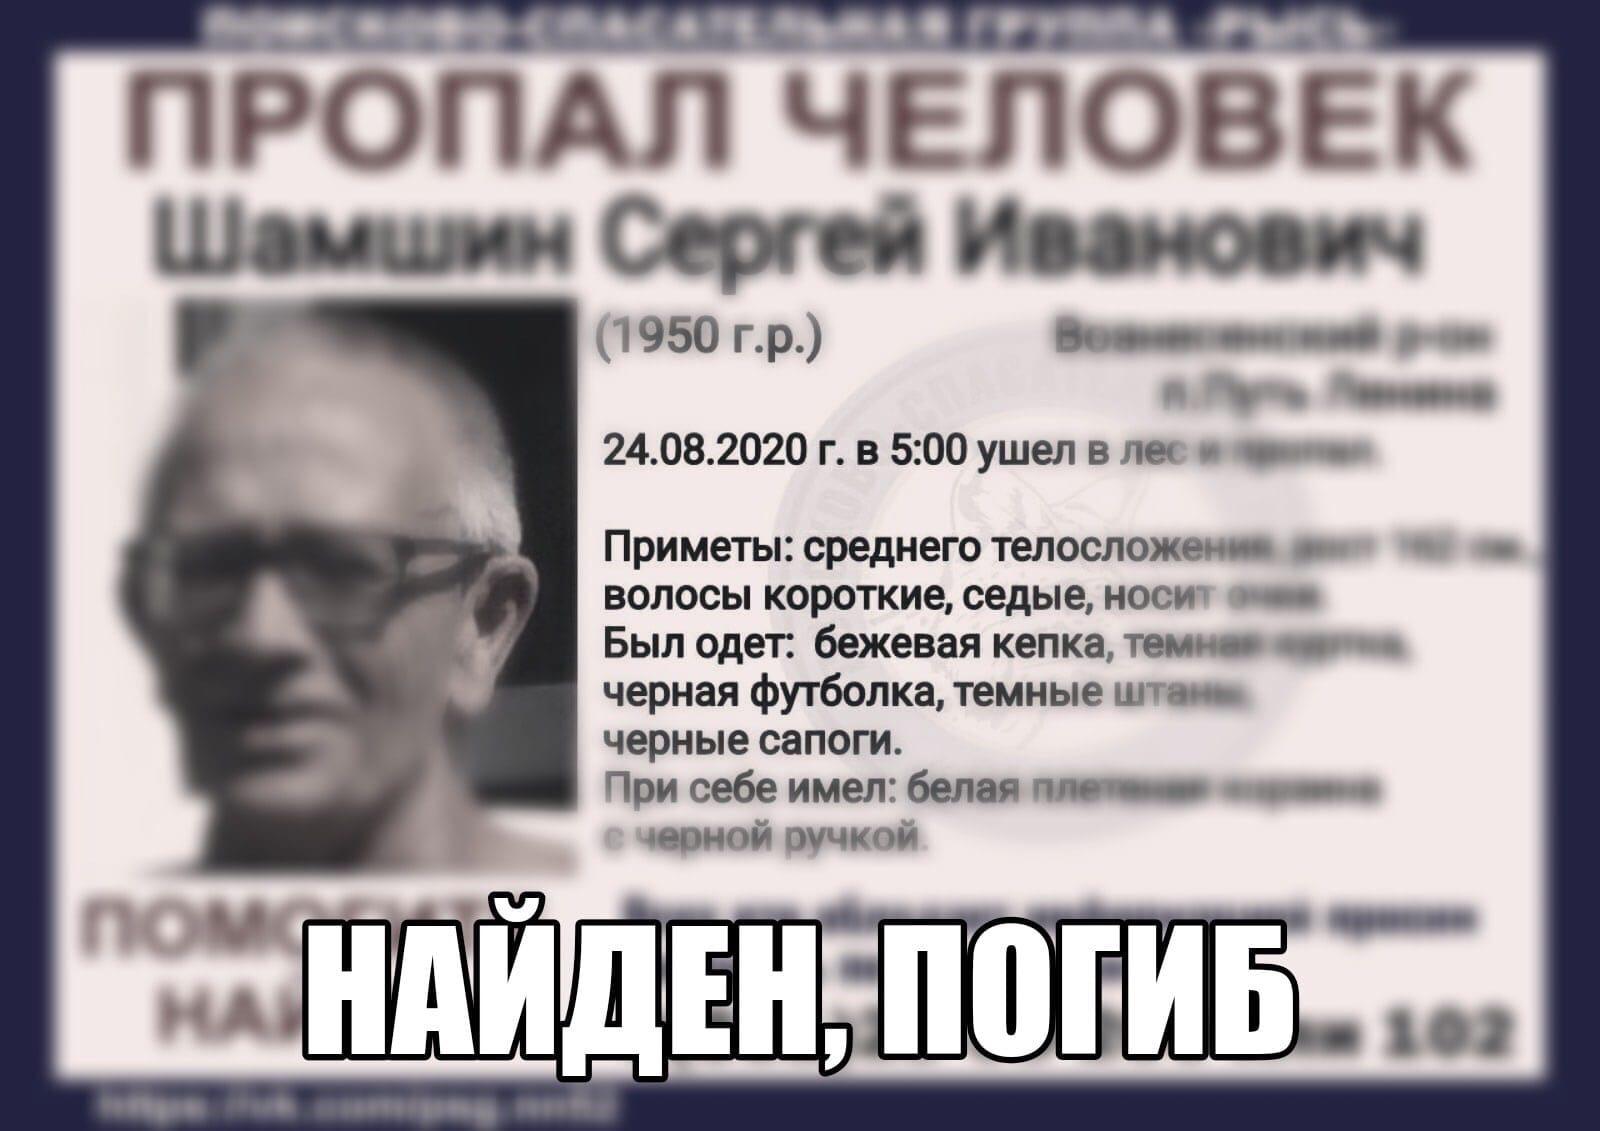 Шамшин Сергей Иванович, 1950 г. р., Вознесенский р-он, п. Путь Ленина